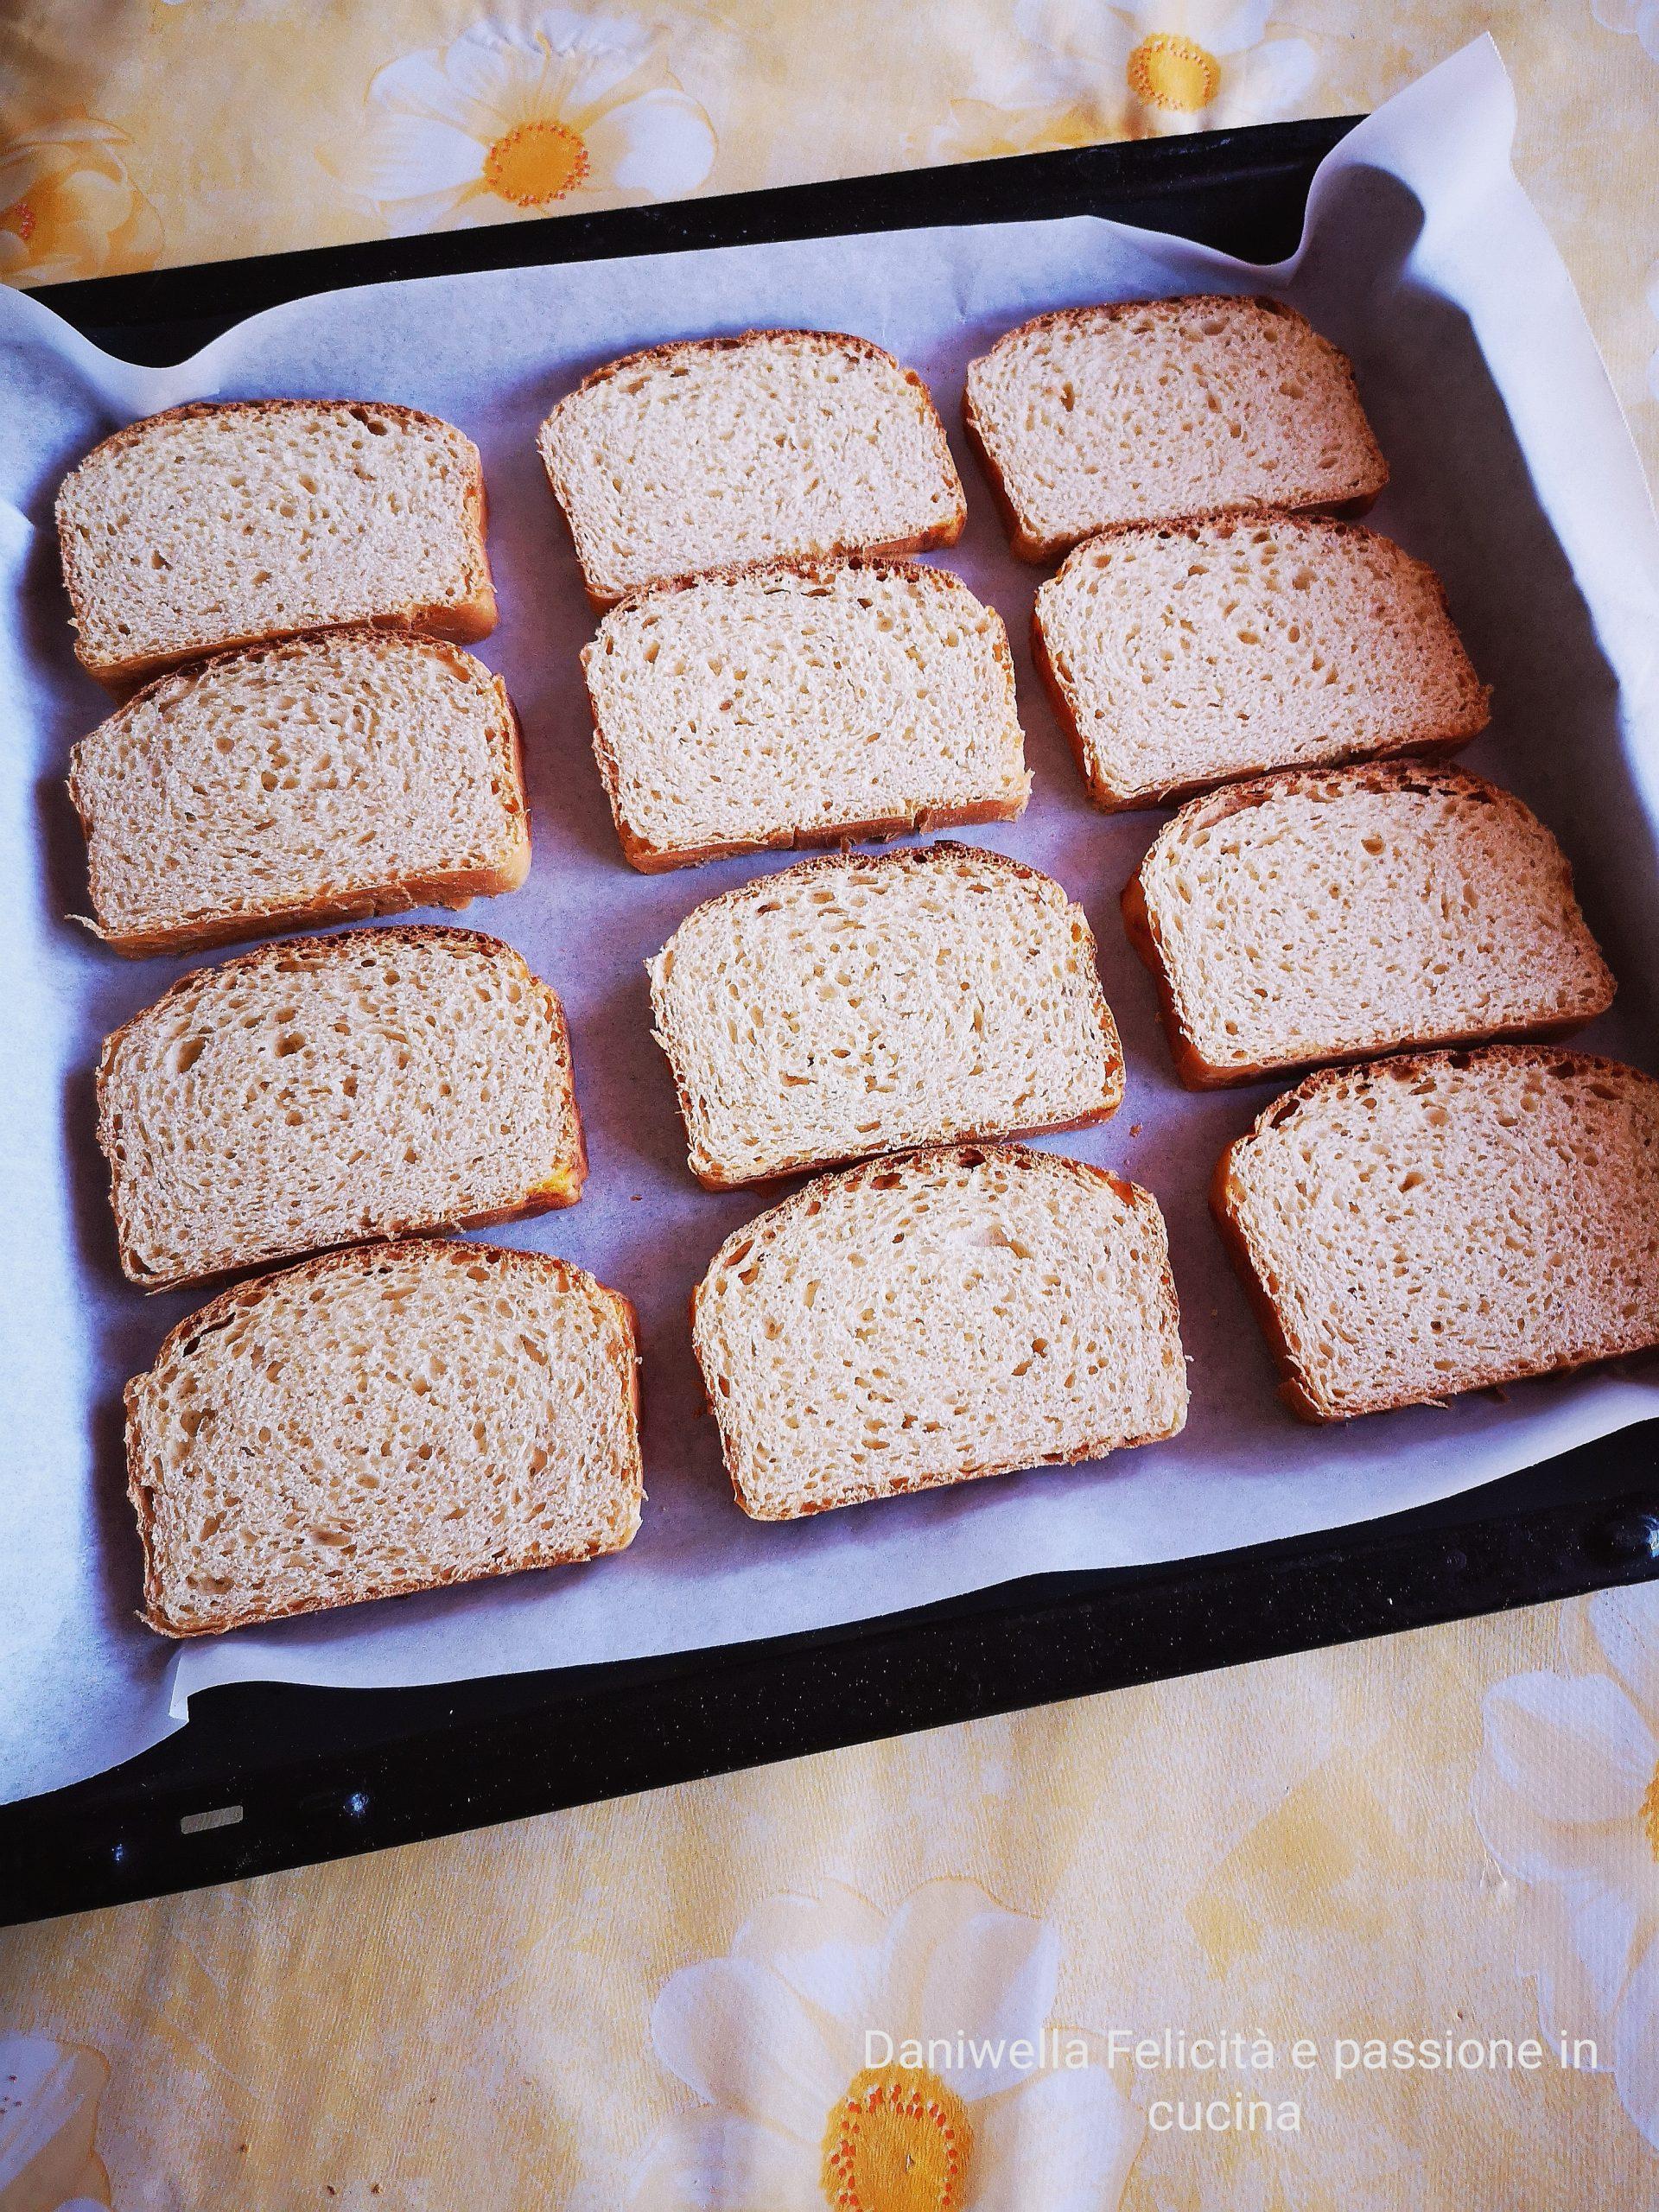 Tagliate il pan briosche a fettine di 7/8 mm, mettetele su una leccarda ricoperta di carta forno.